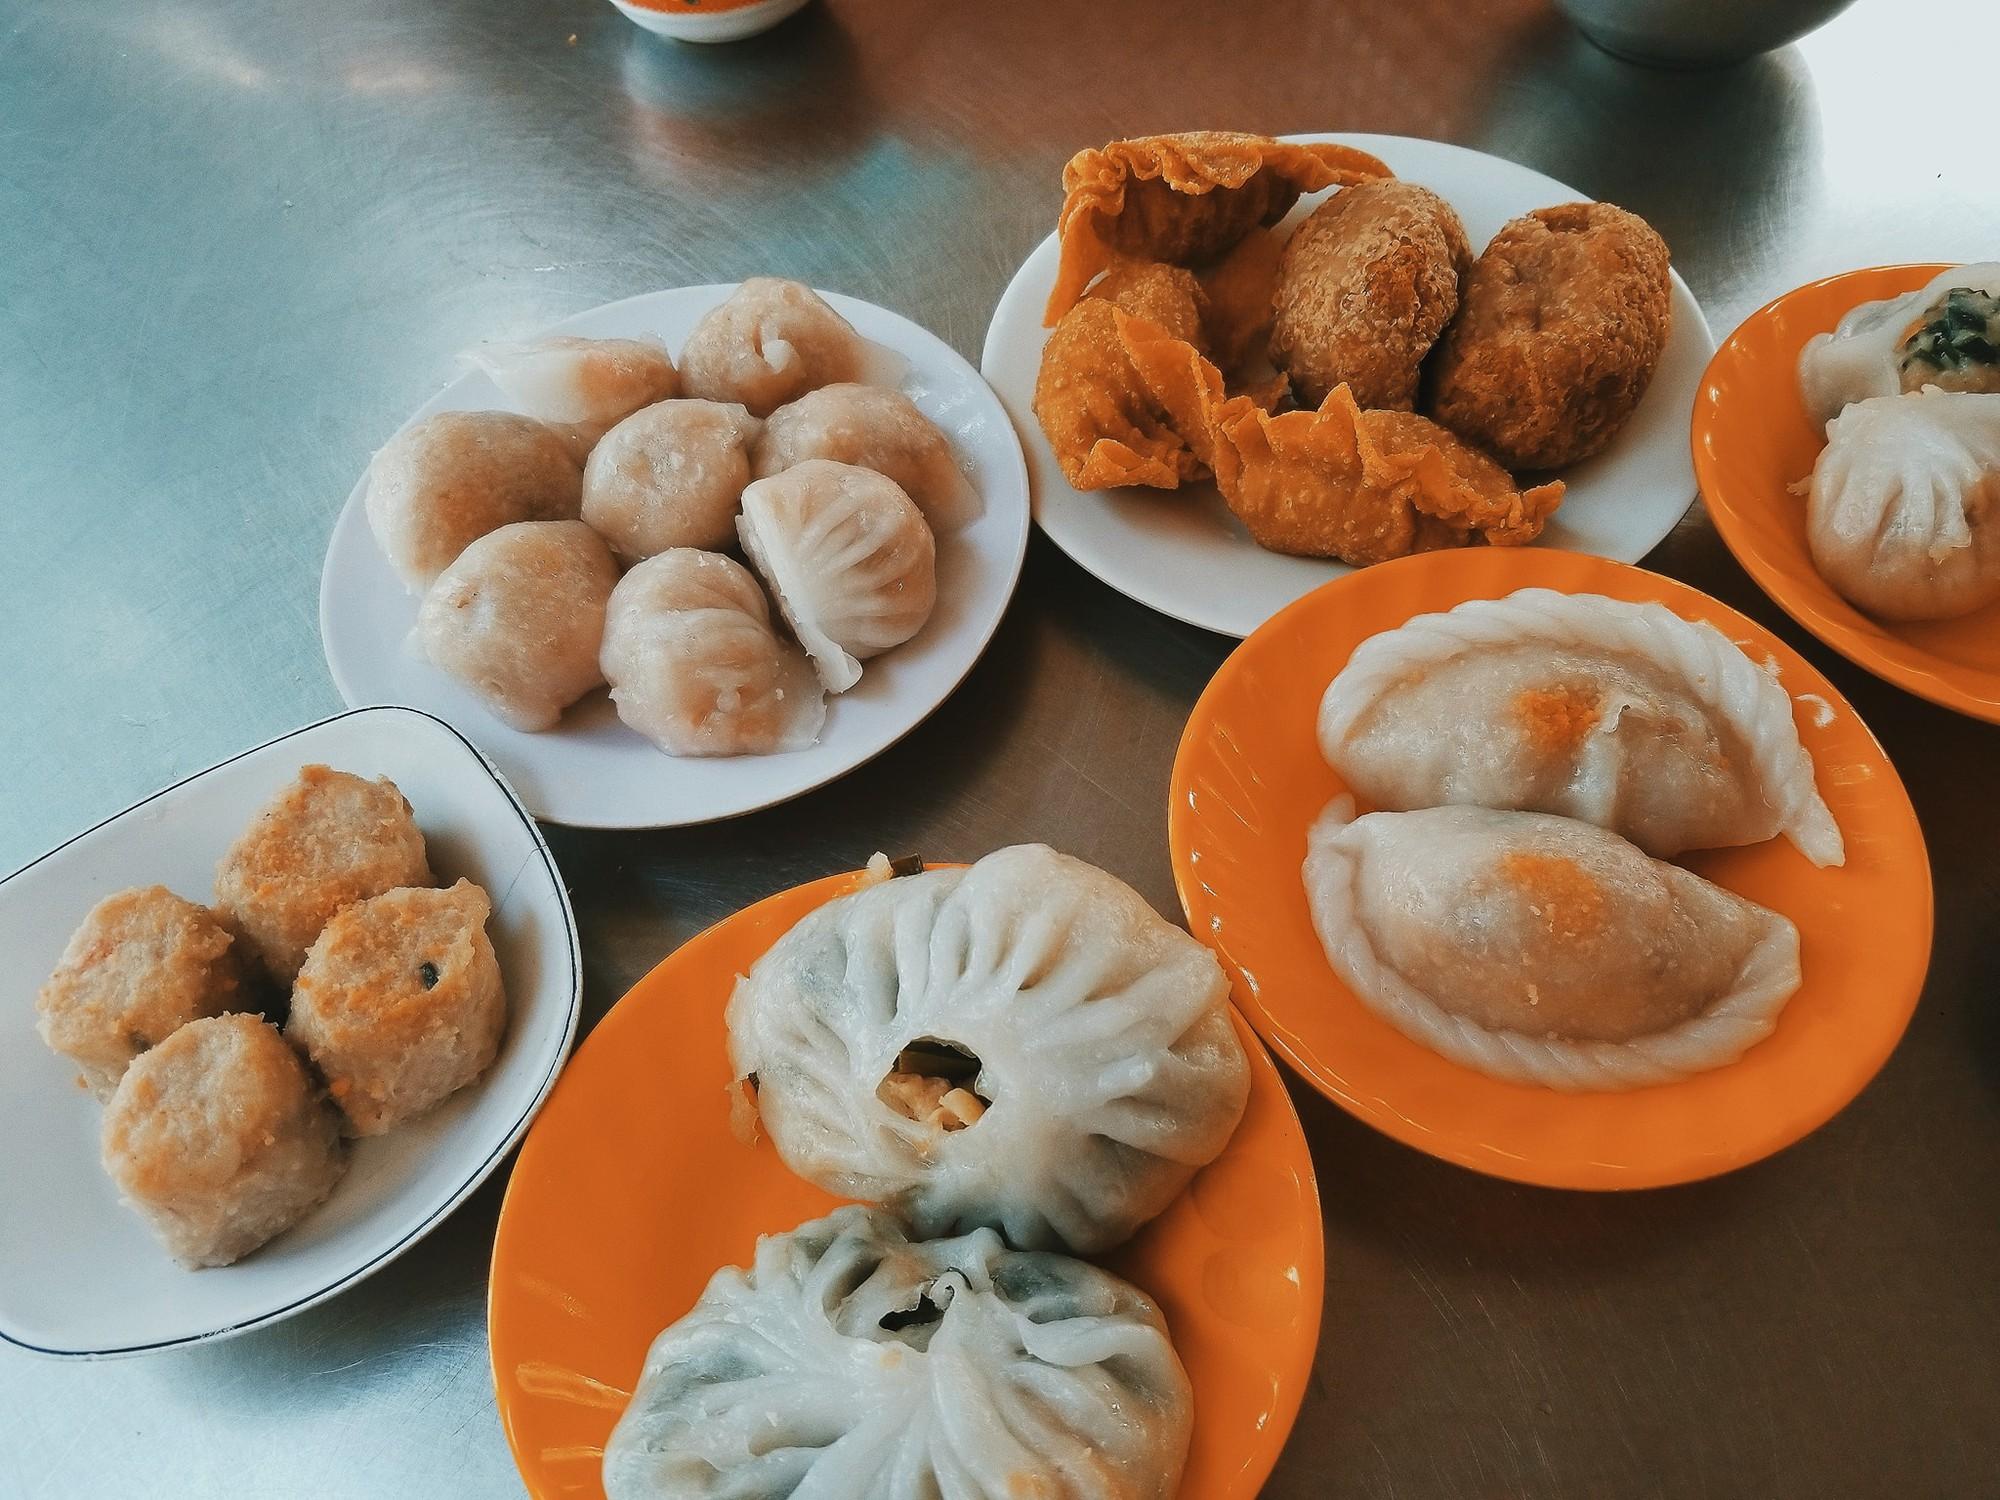 Tận hưởng bữa sáng theo cách riêng rất lạ của người Sài Gòn - Ảnh 7.